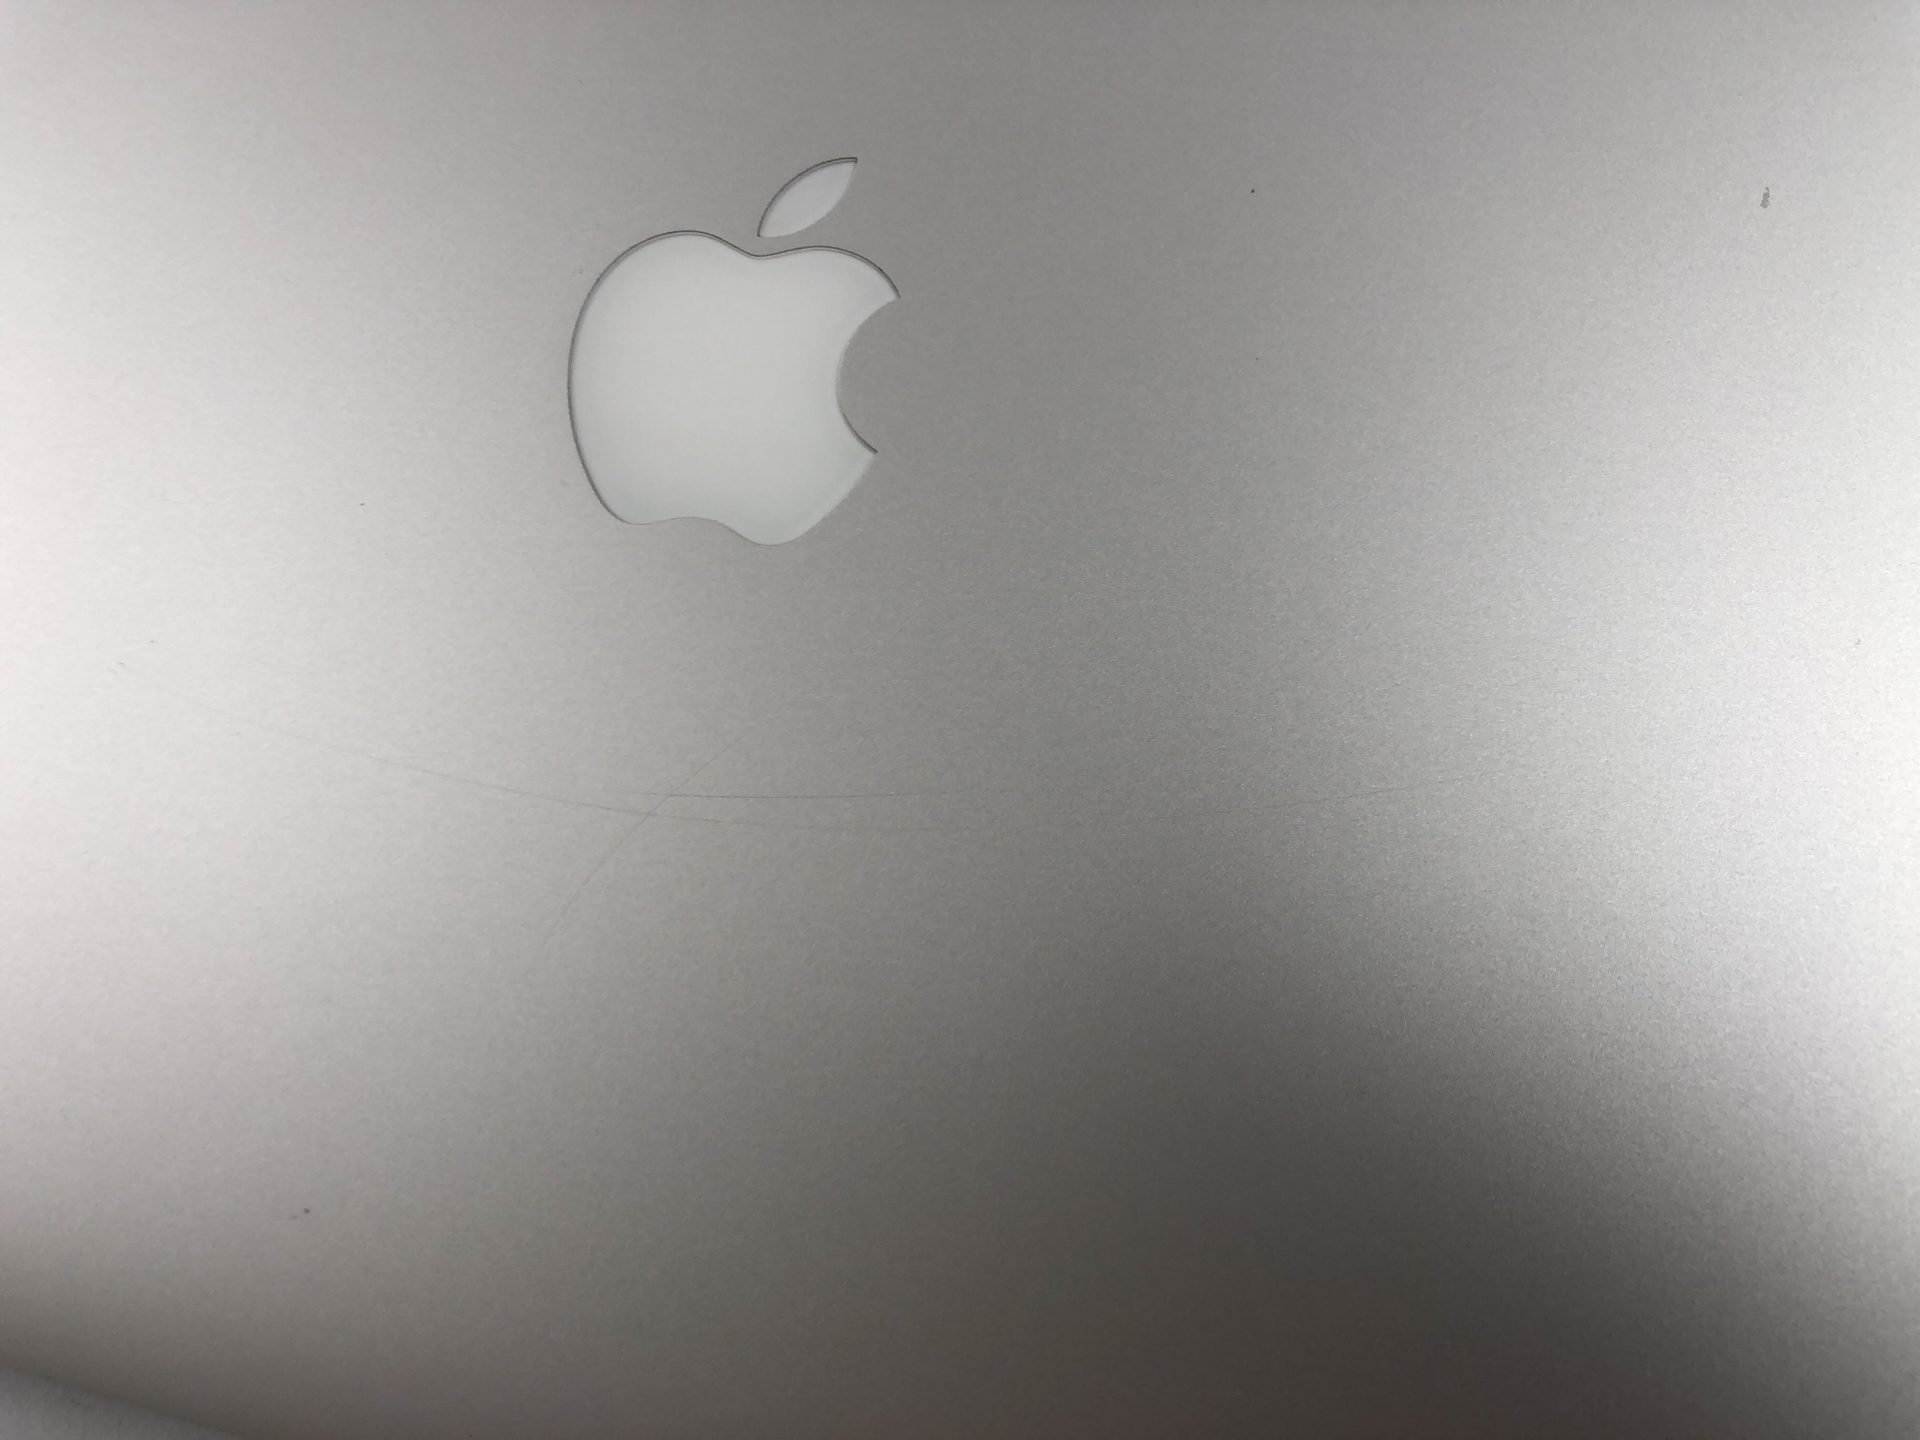 """MacBook Pro Retina 15"""" Mid 2015 (Intel Quad-Core i7 2.8 GHz 16 GB RAM 512 GB SSD), Intel Quad-Core i7 2.8 GHz, 16 GB RAM, 512 GB SSD, Afbeelding 5"""